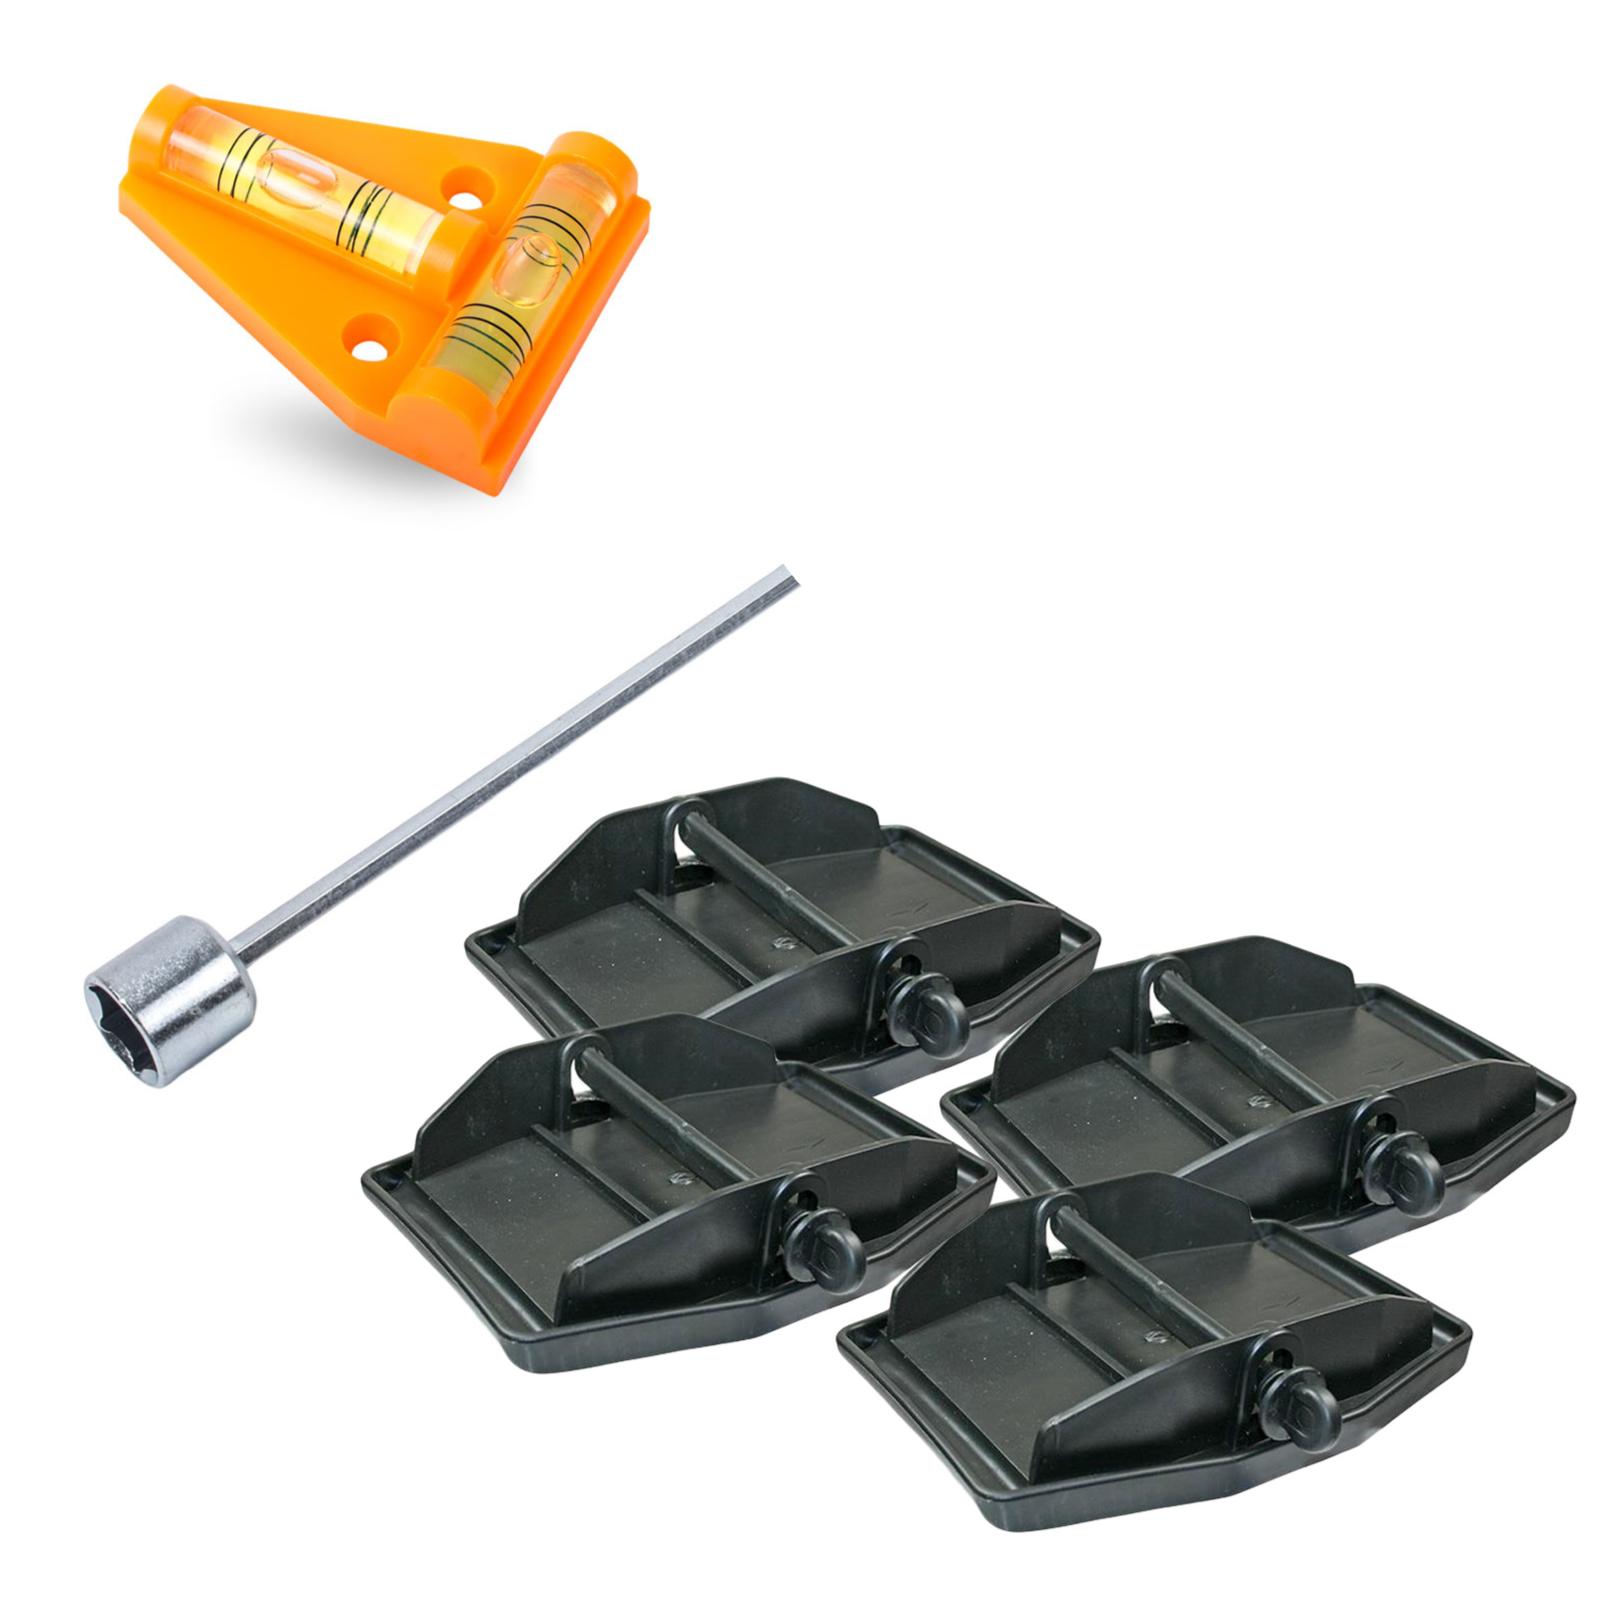 Stützplatten inkl Akkuschrauberaufsatz 13cm und Wasserwaage